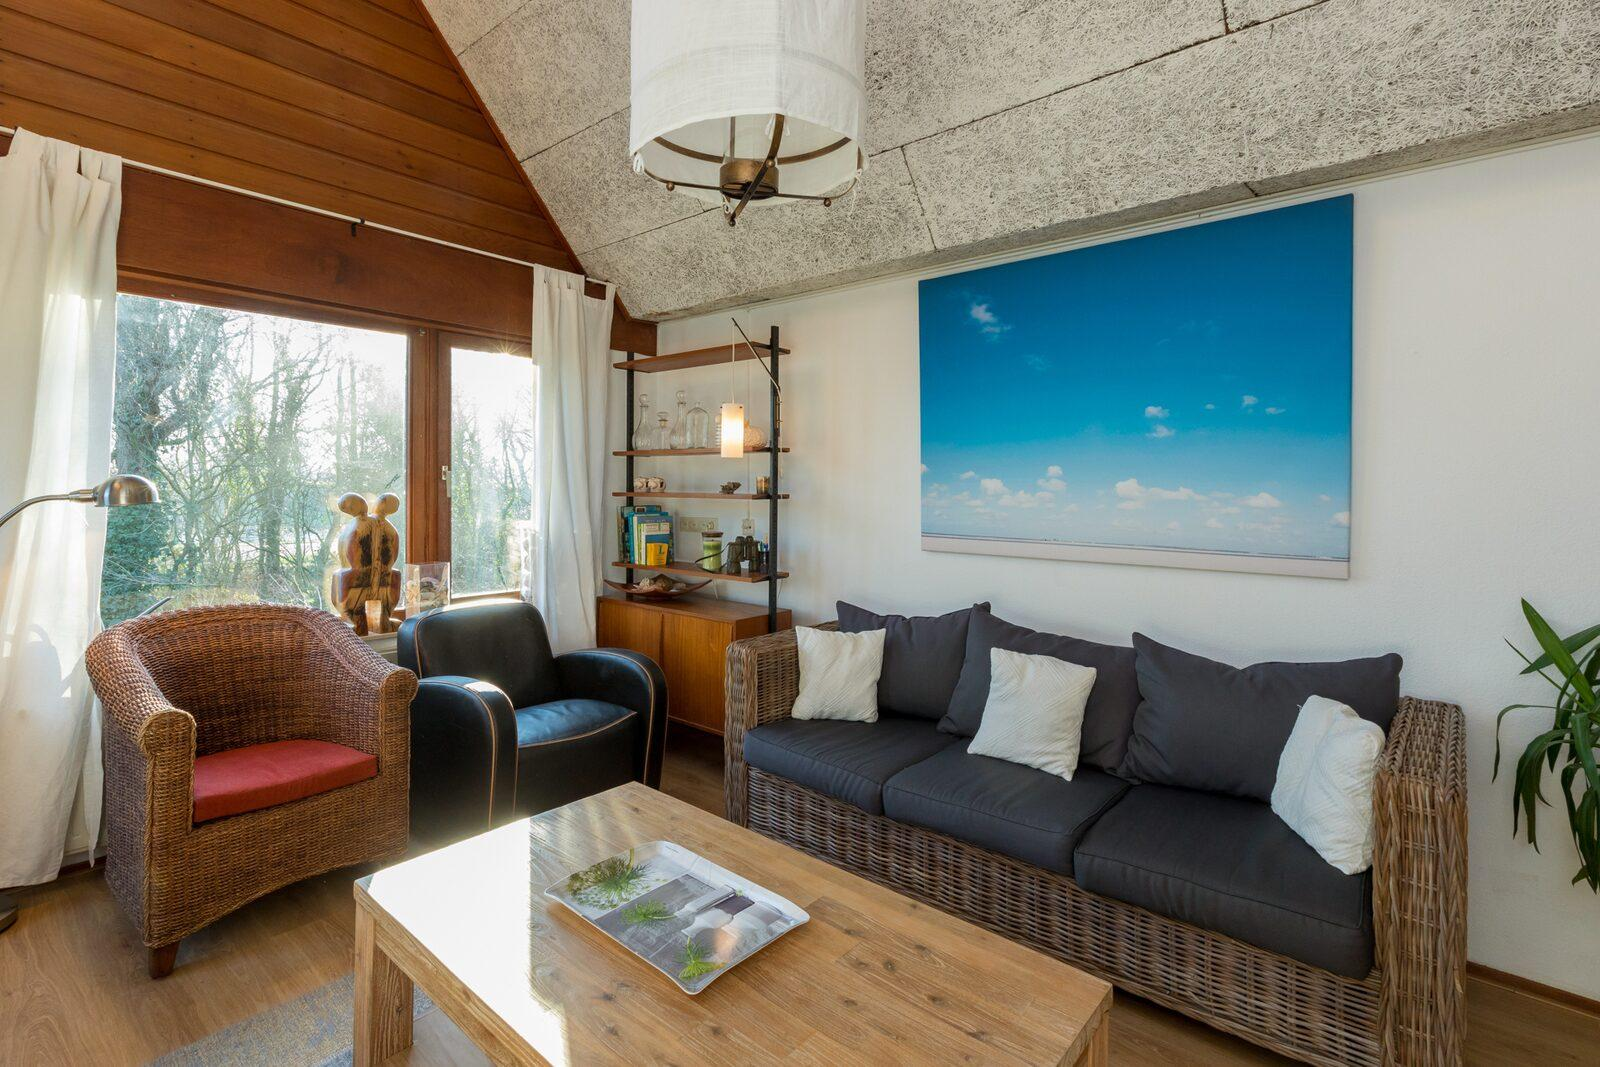 Ferienhaus für 6 Personen ca 110 m² in Veere Zeeland Küste von Zeeland